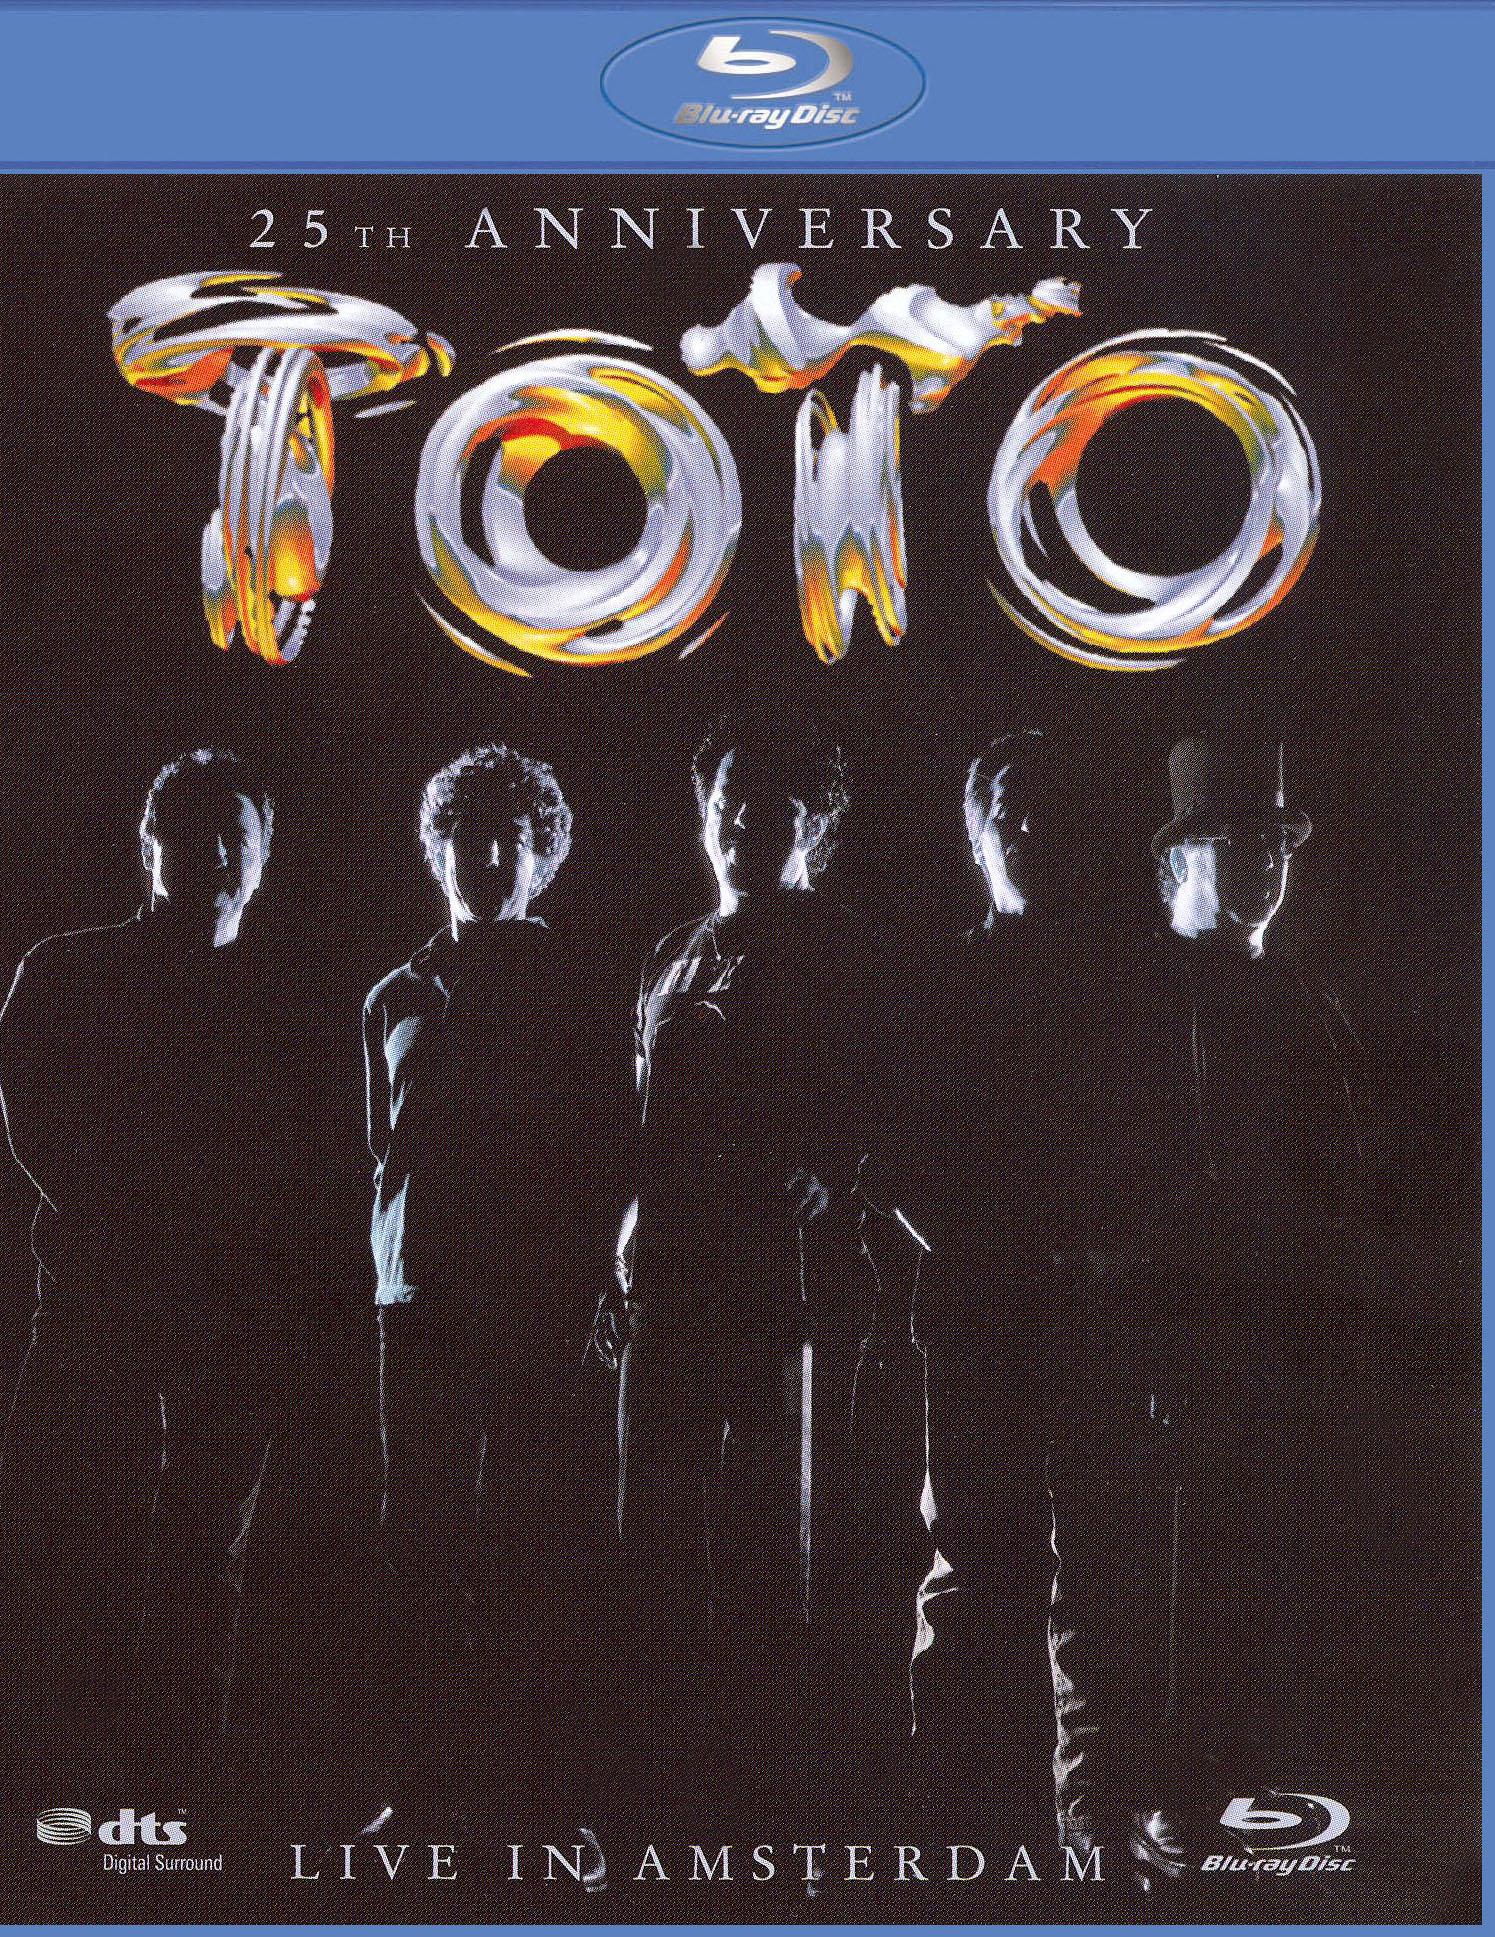 Toto: 25th Anniversary - Live in Amsterdam